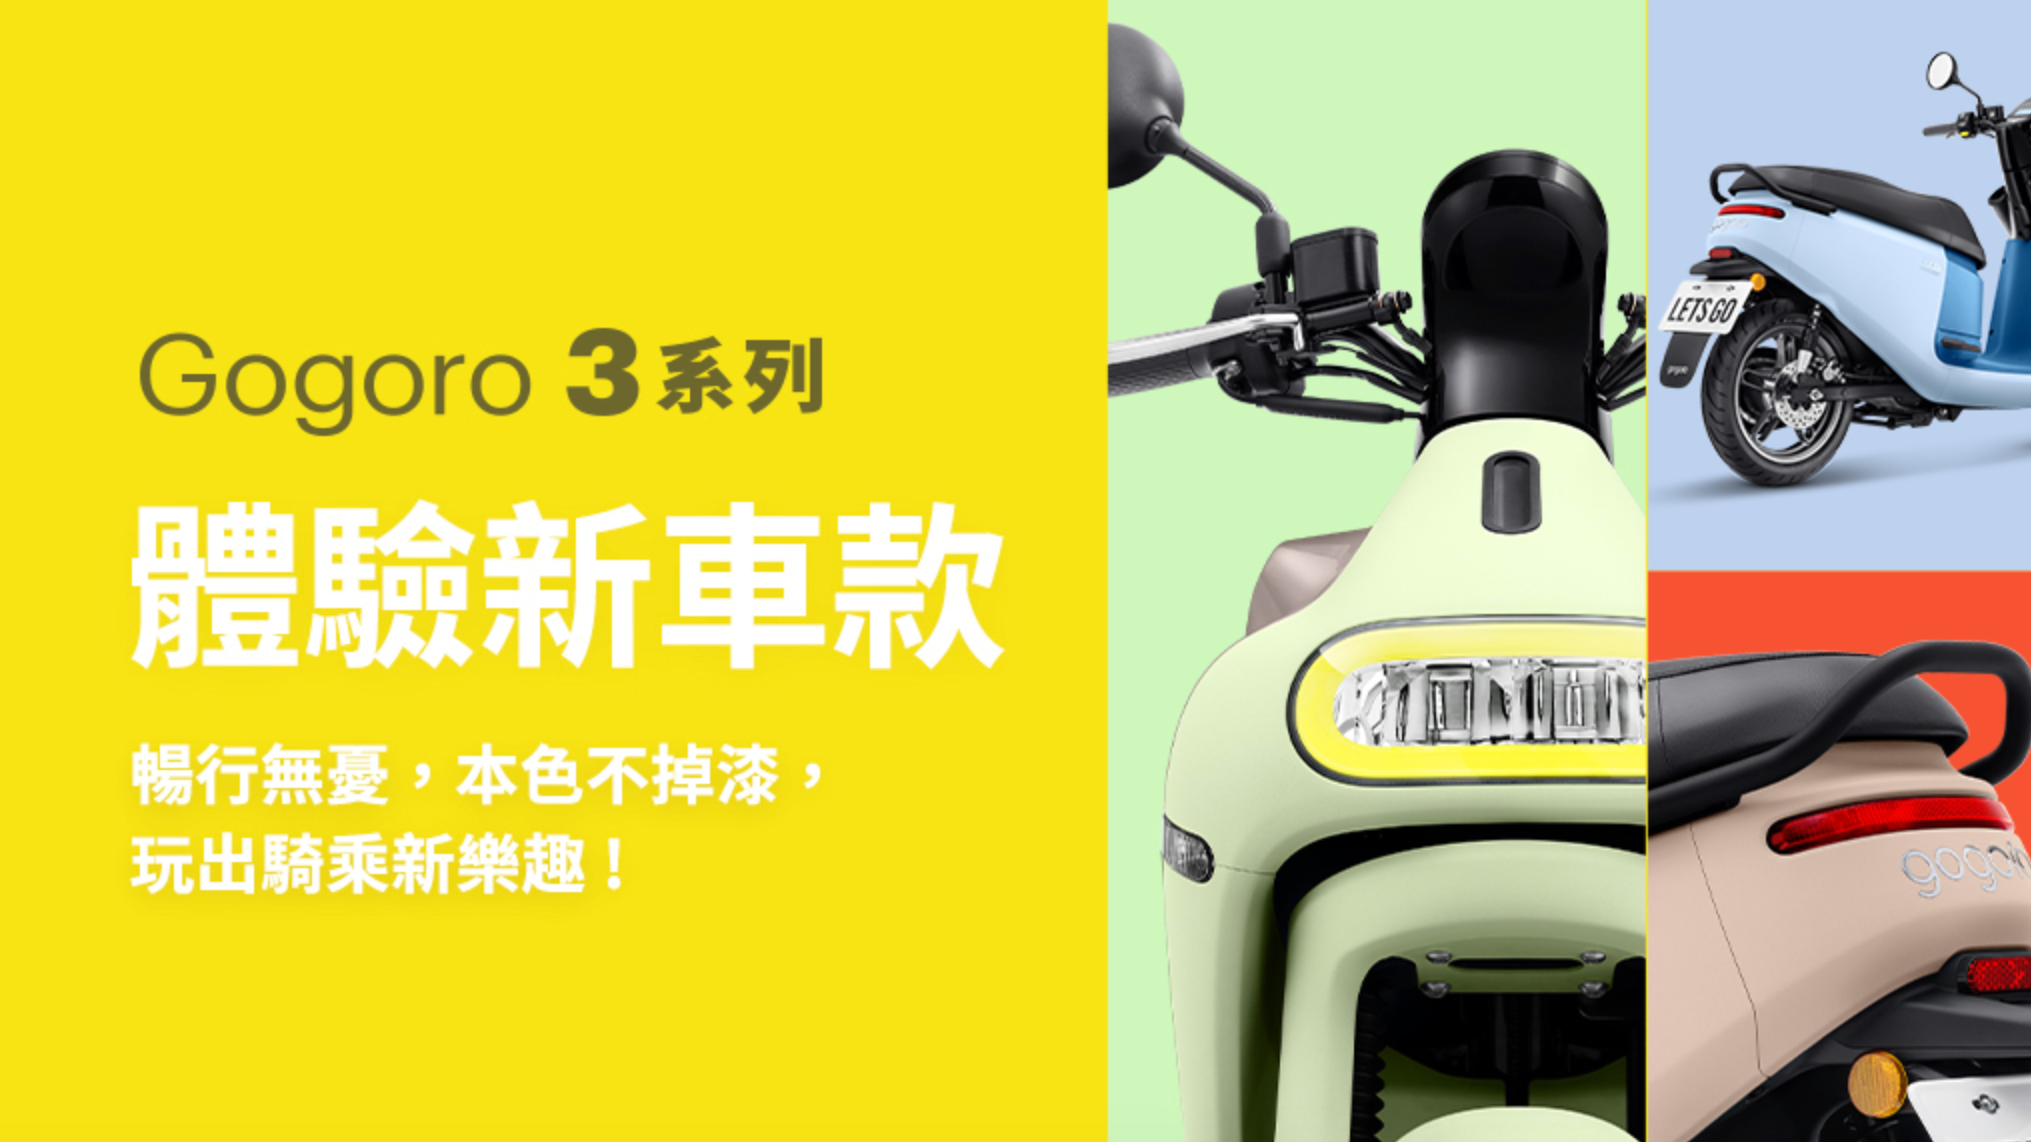 電動機車Gogoro3正式上市!最高補助、優惠重點懶人包